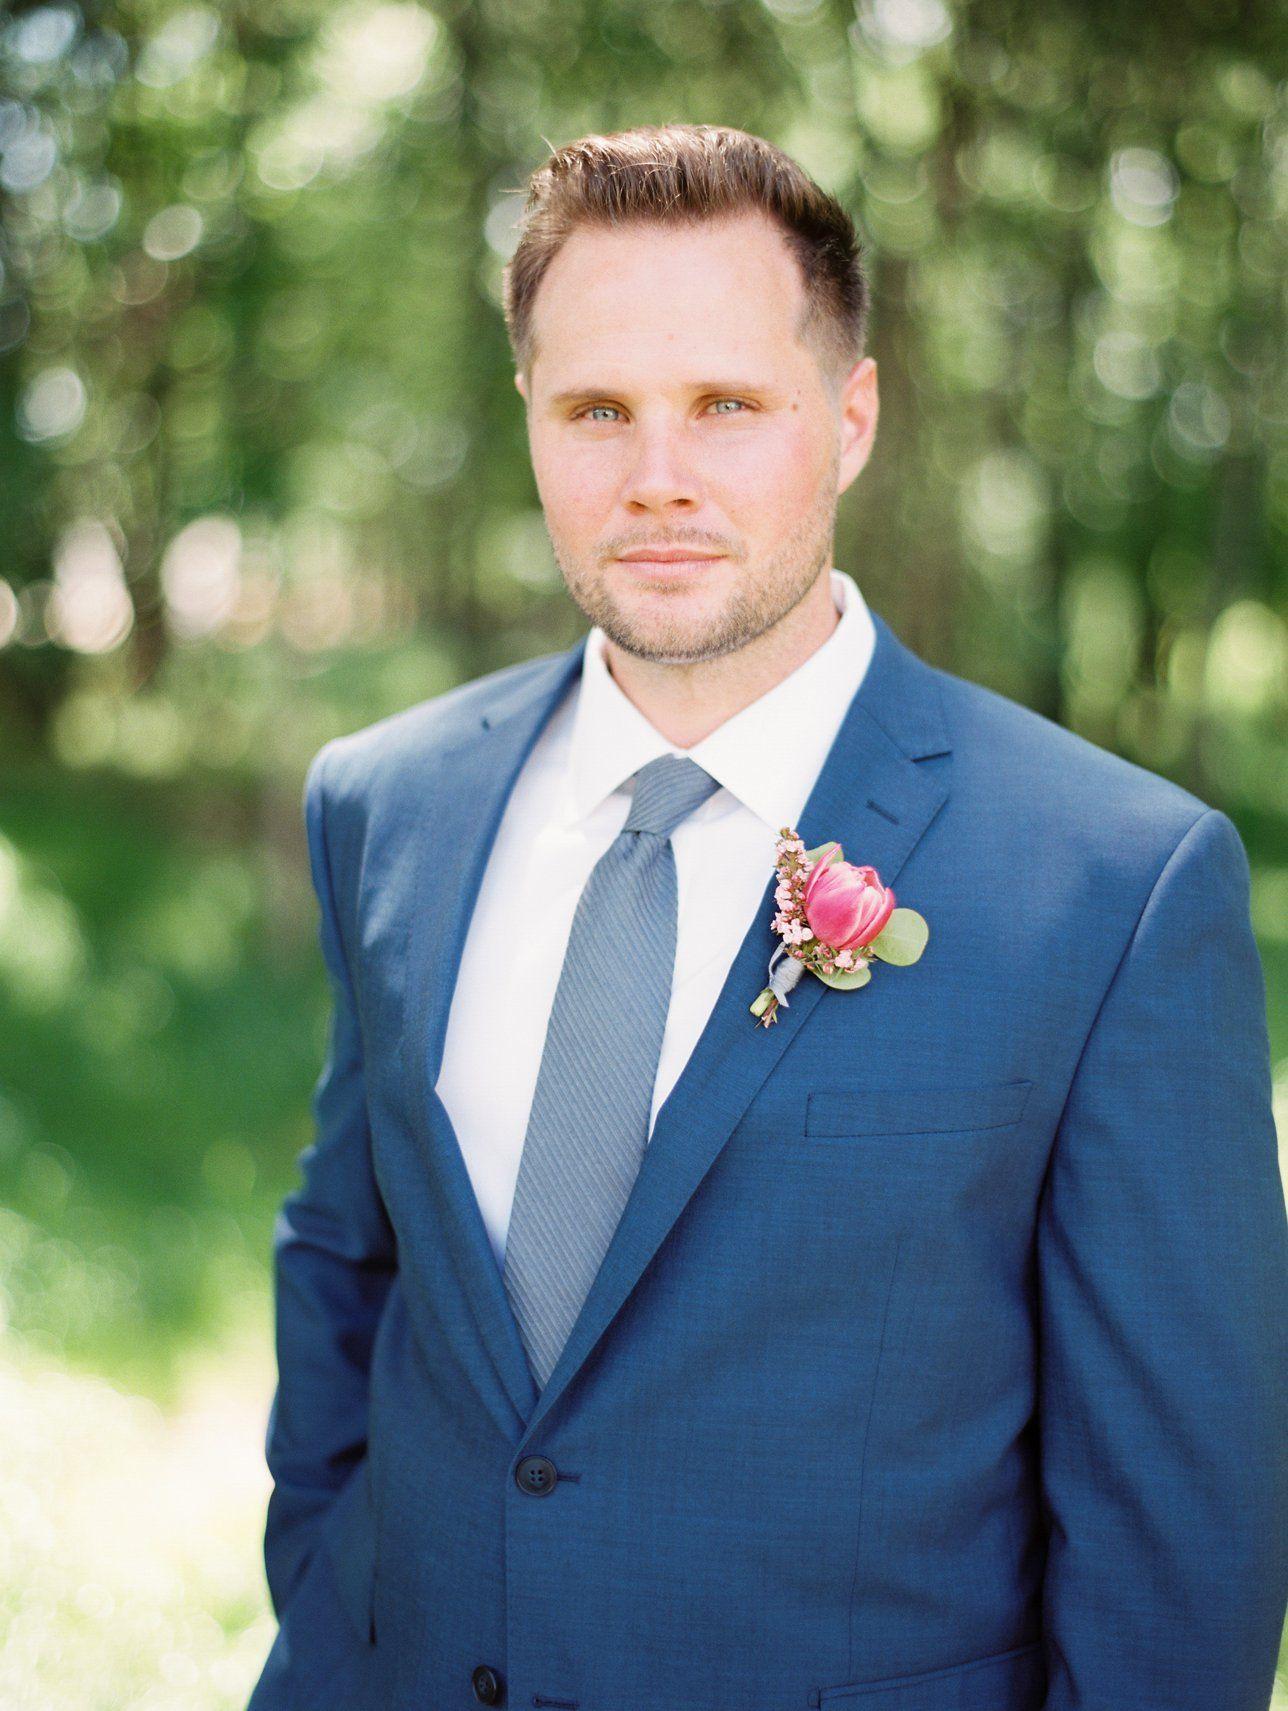 Groom style, groom menswear, groomsmen suit, groom blue suit and tie ...